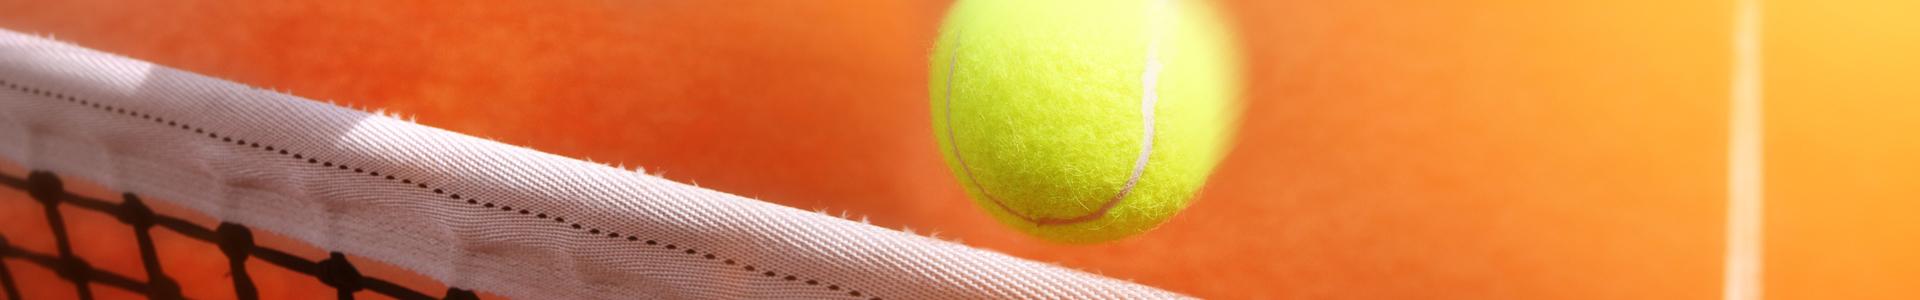 SCPP Tennis